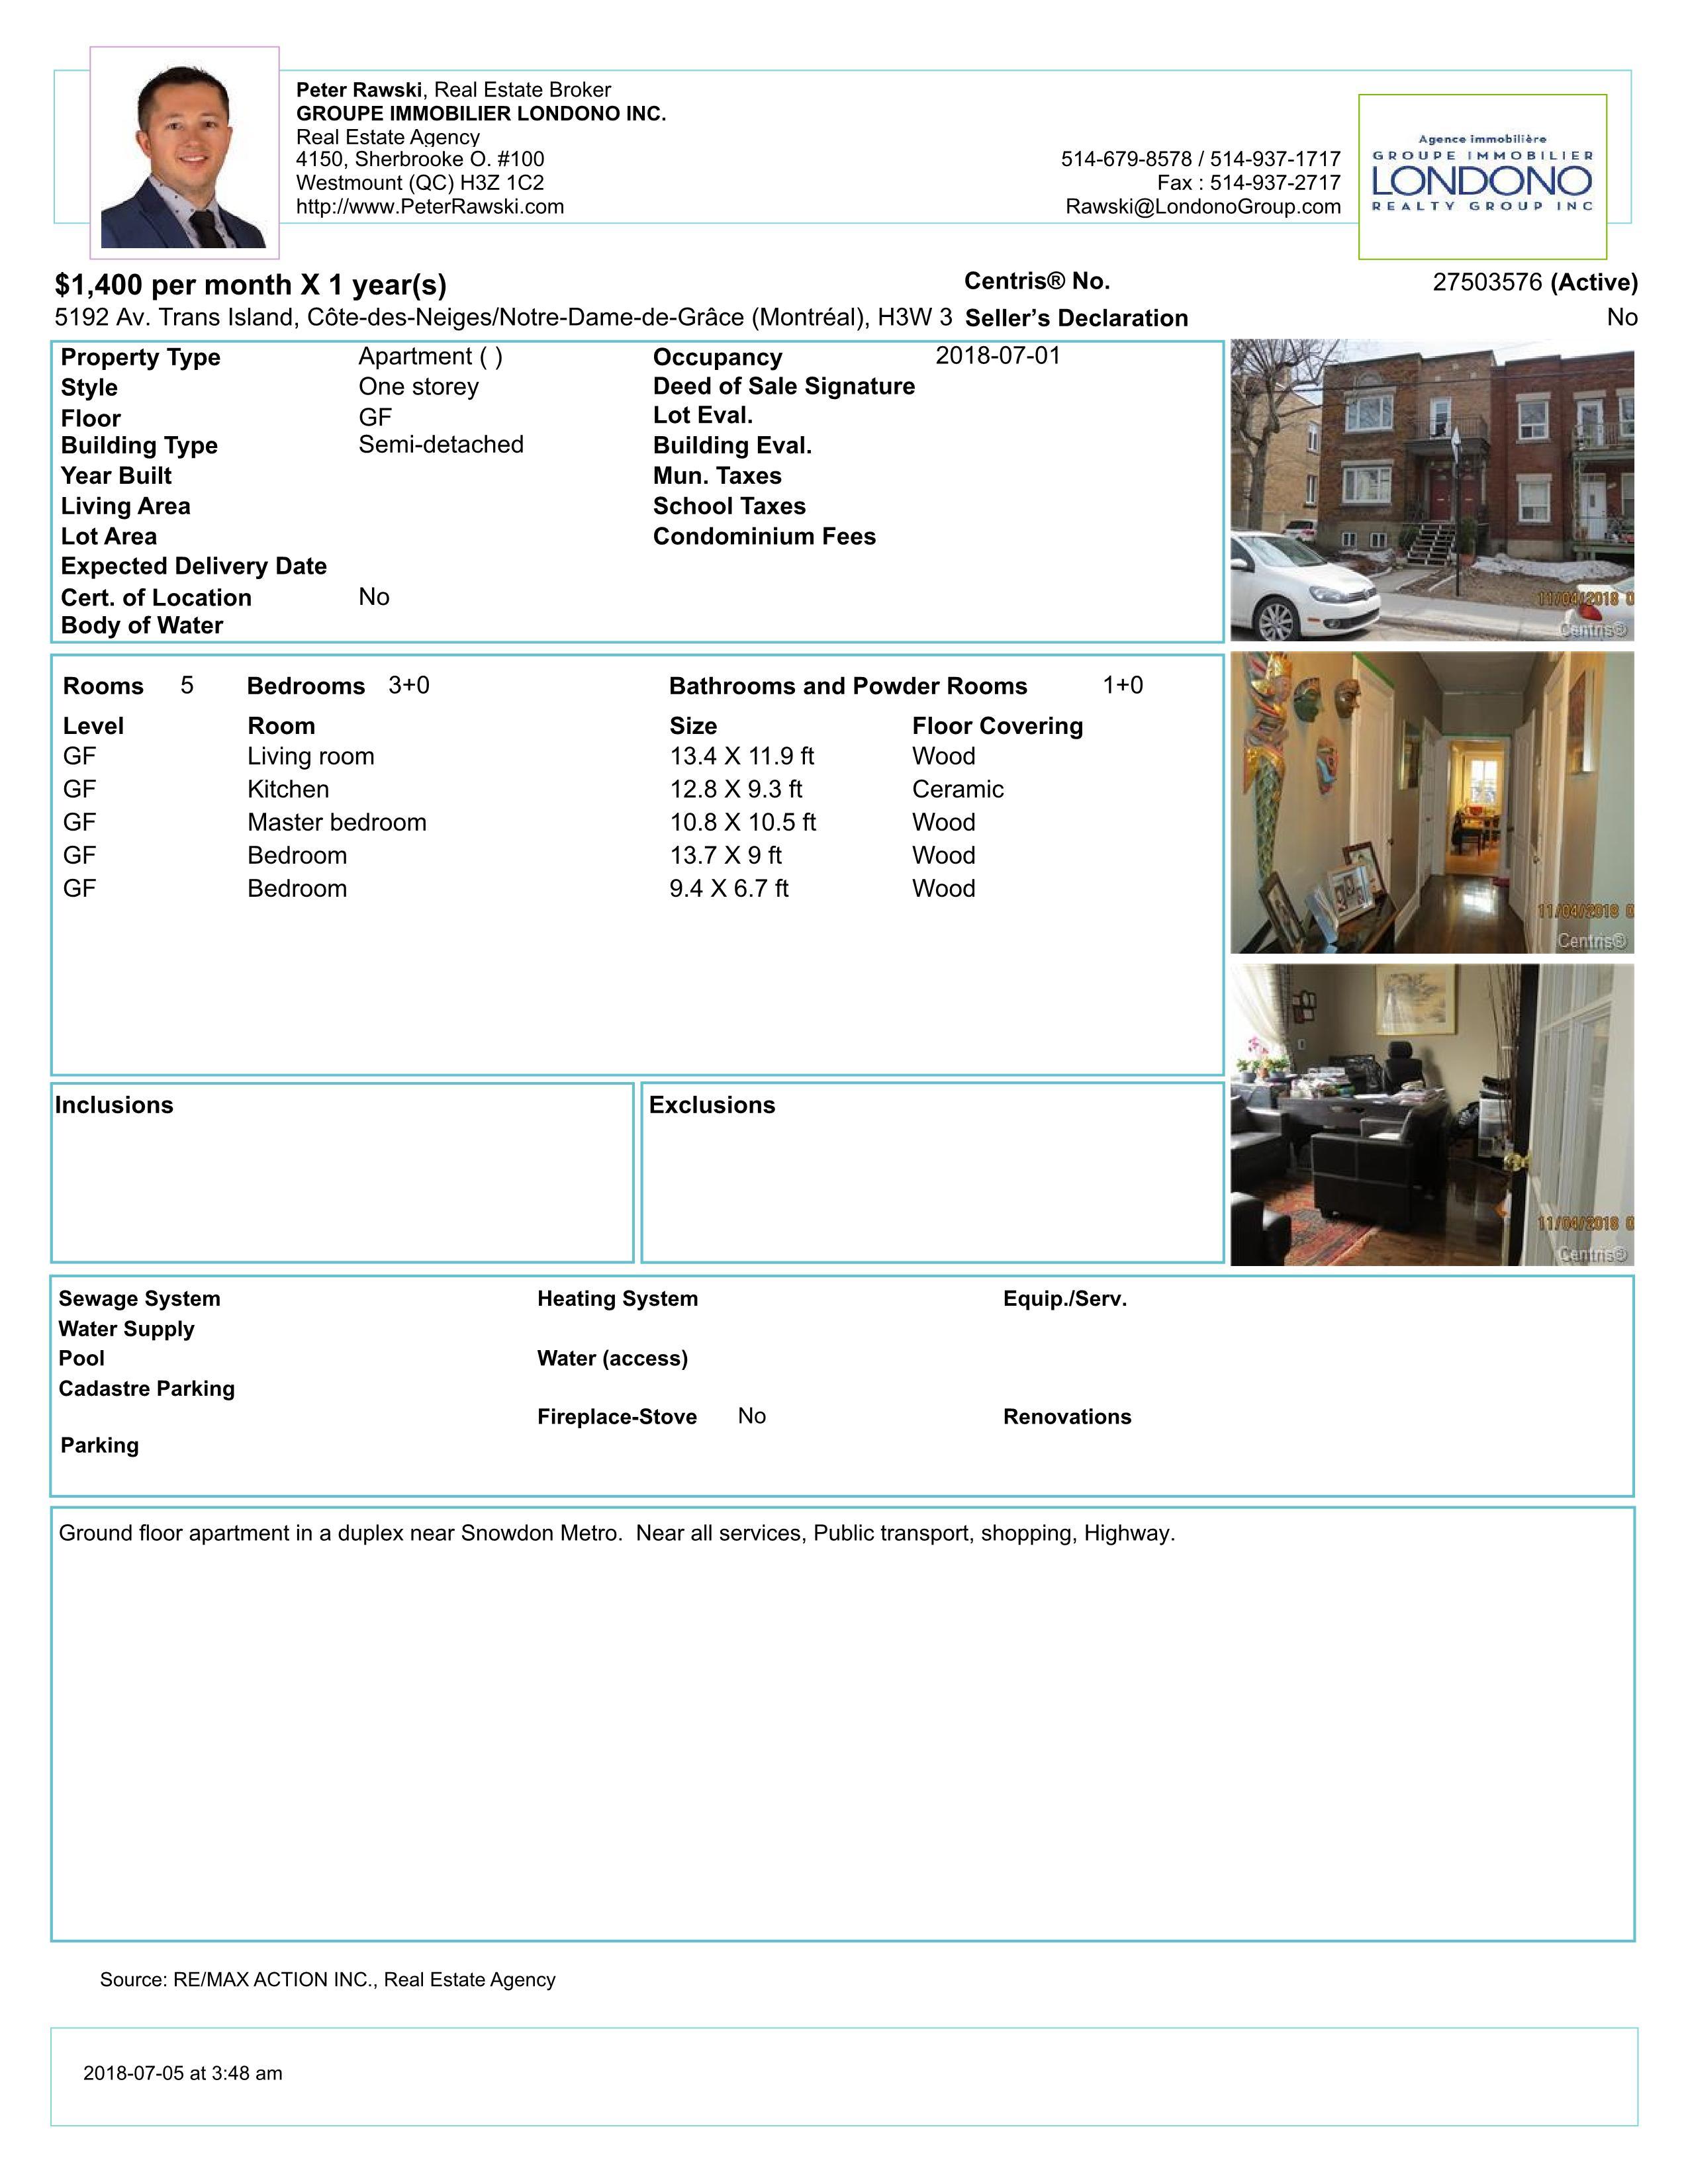 3br_apt_DT_mtl_1k-2k_page_17